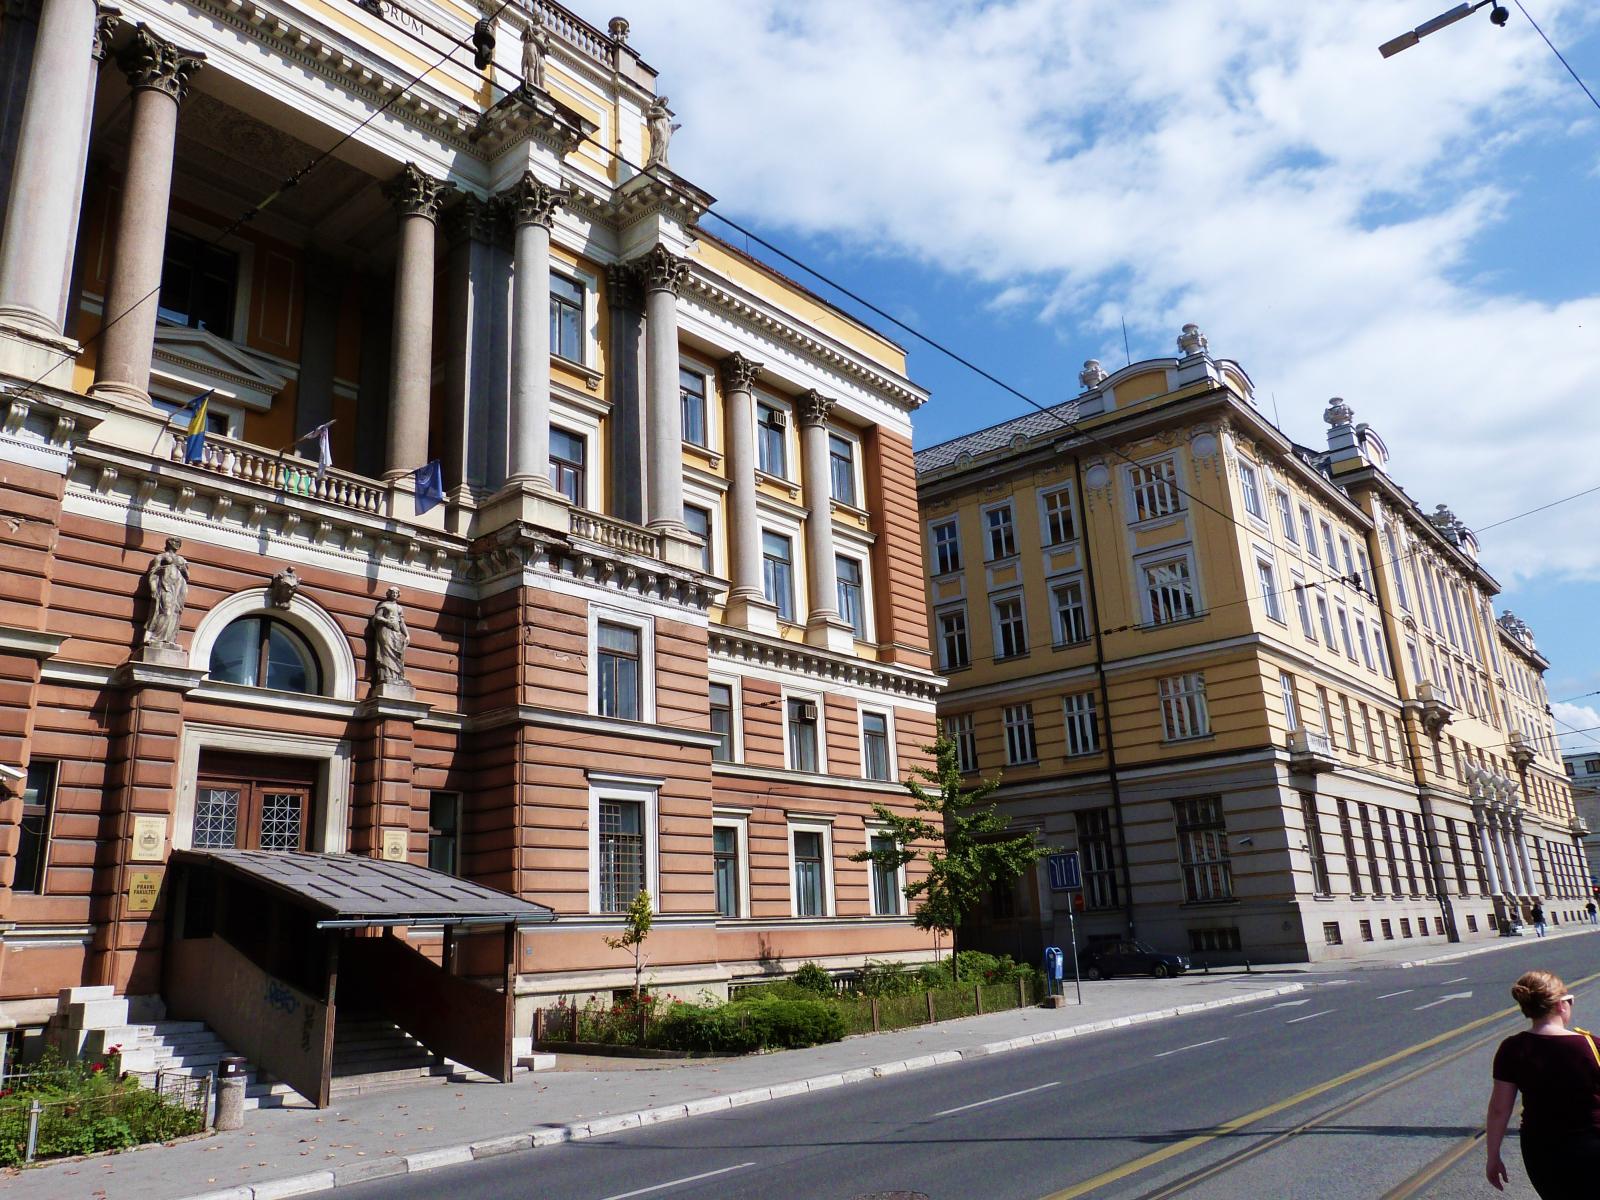 Austro-Ugarska je Sarajevu donijela drugačiju arhitekturu